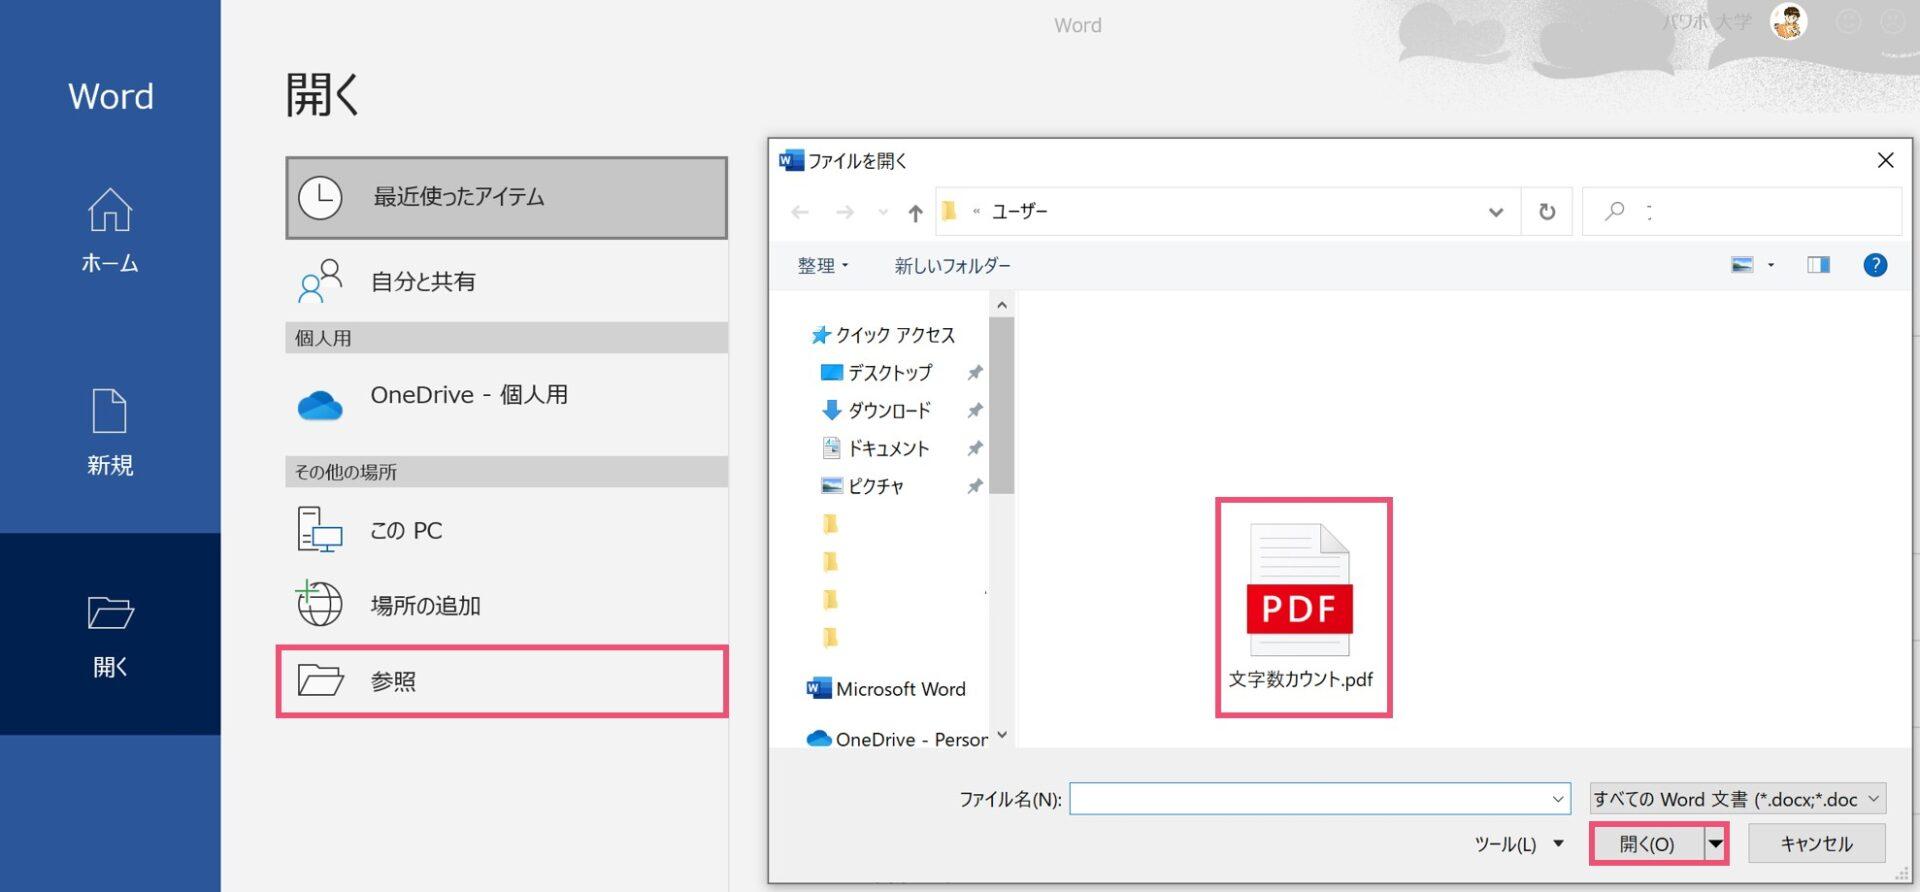 PDFファイルを参照してワードで開く